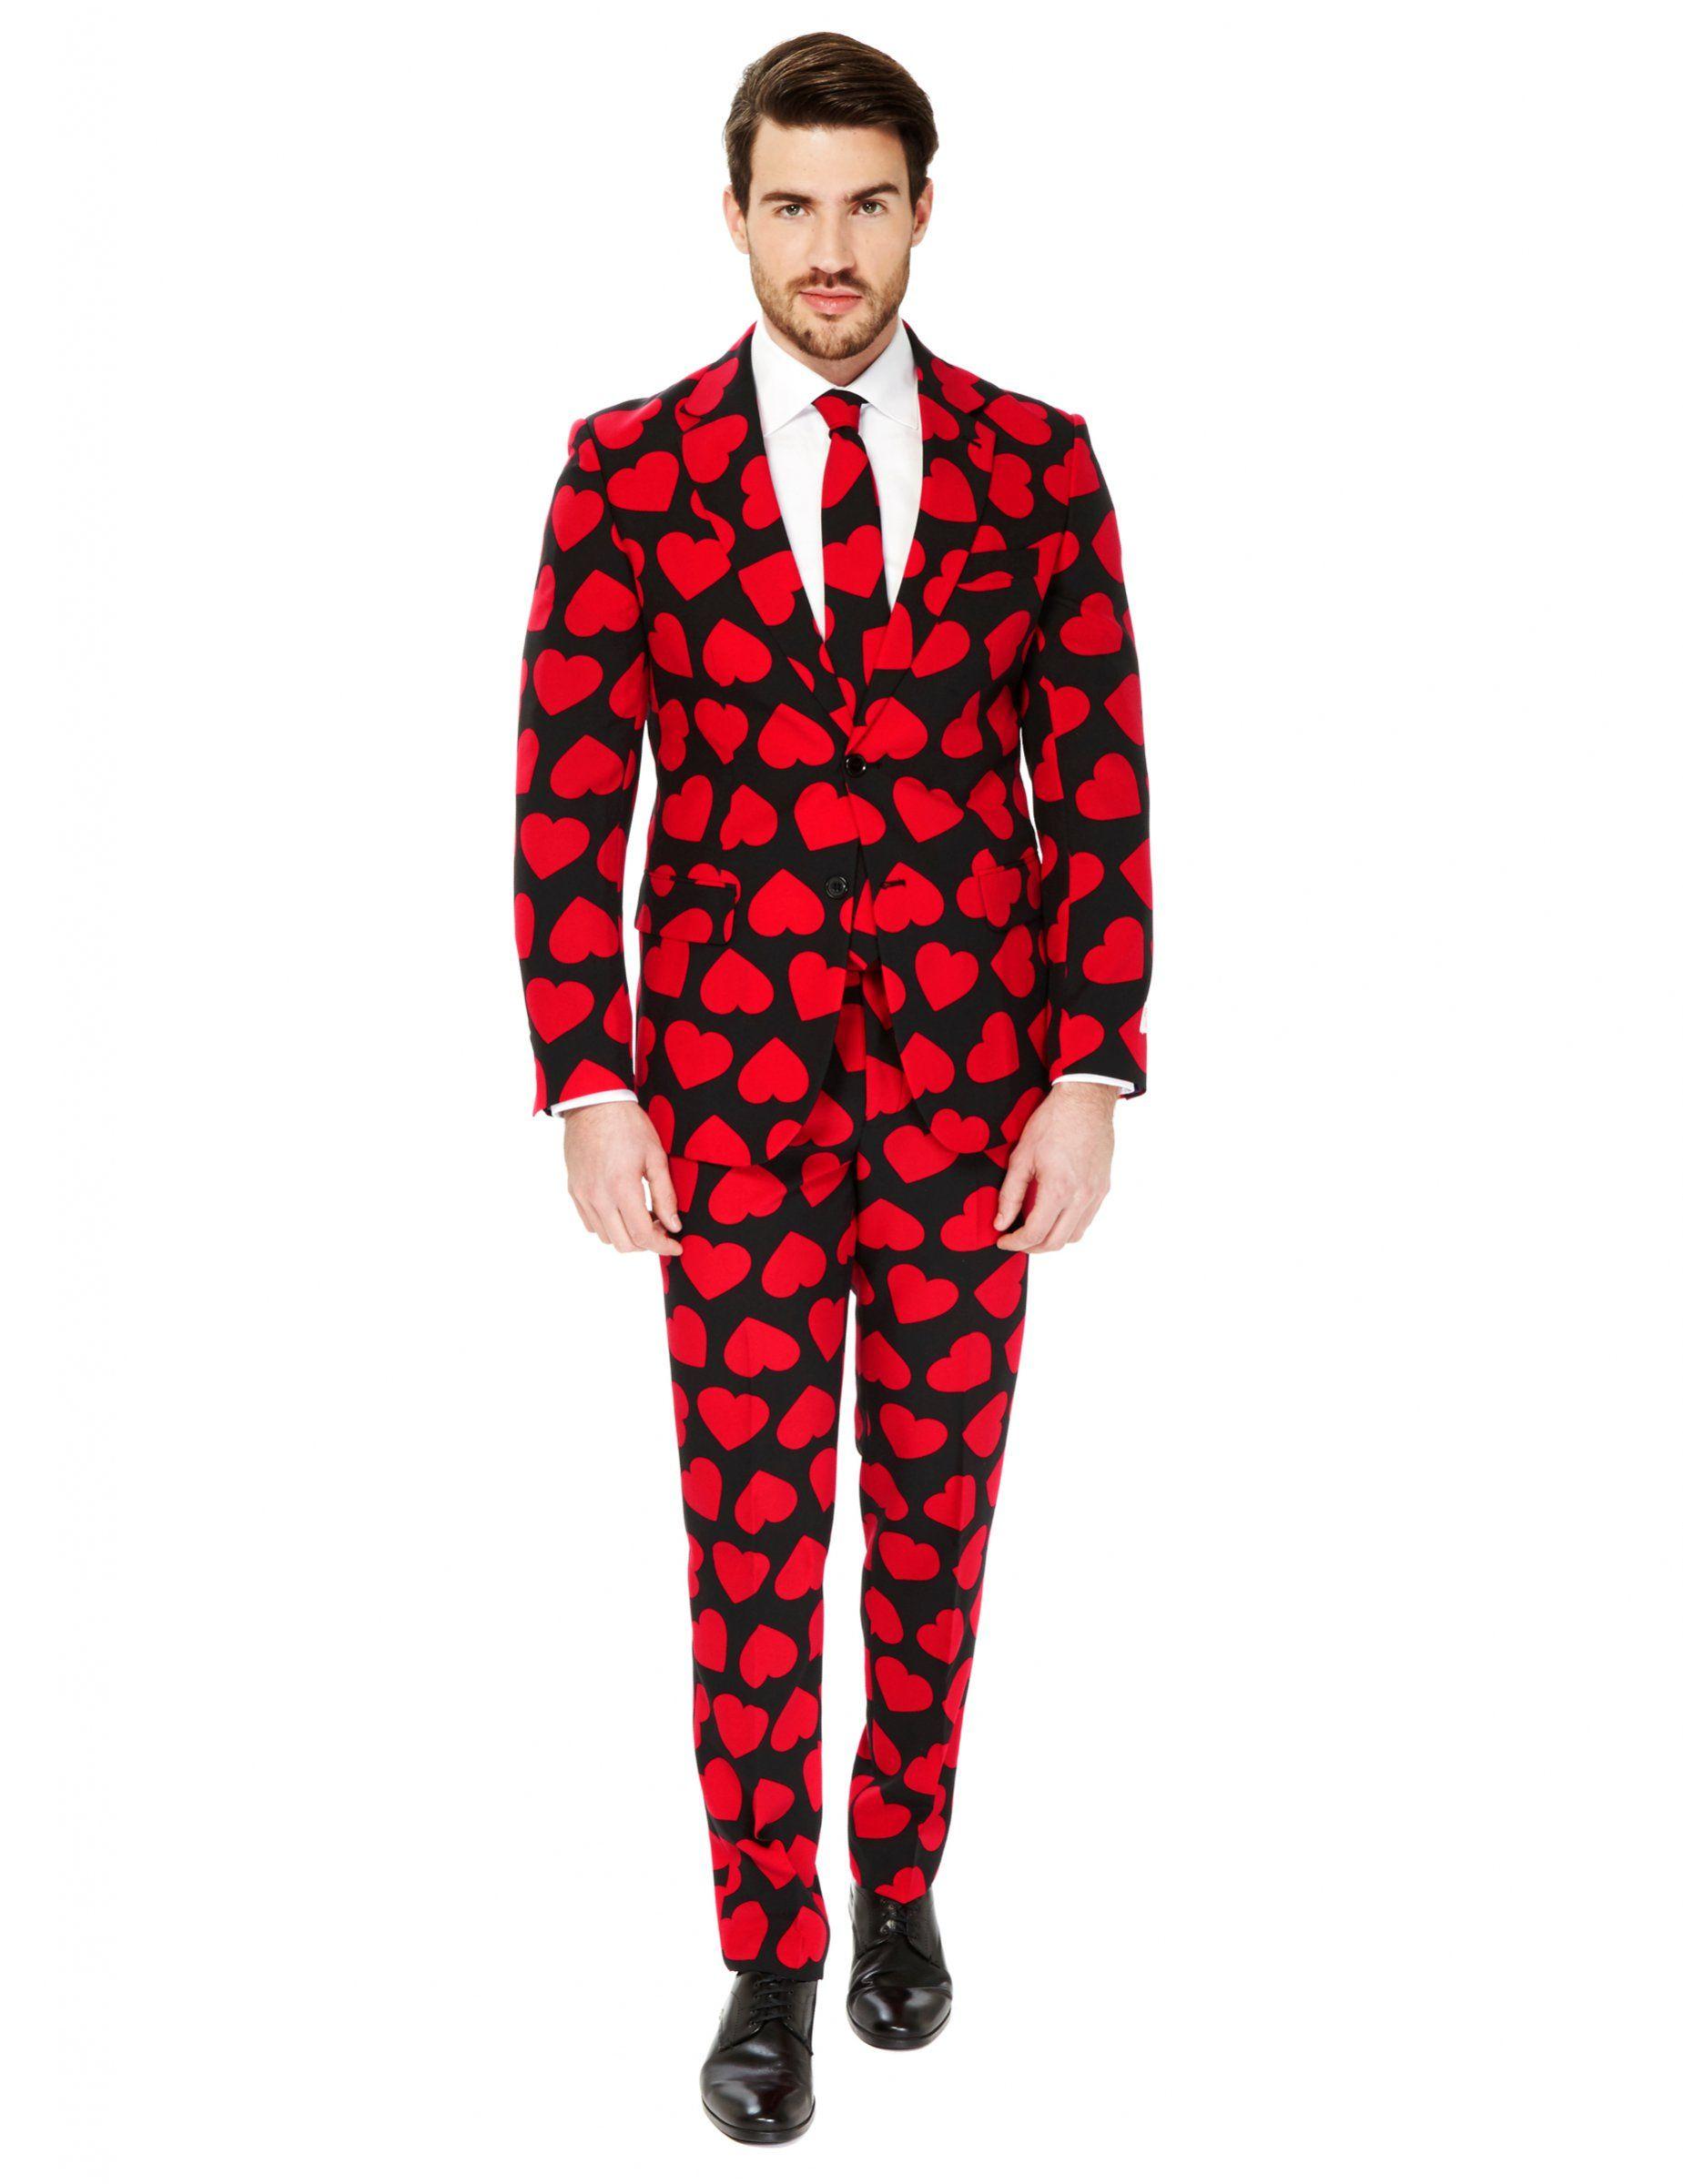 King of Hearts von Opposuits - schwarz rot  f25b9544c5b